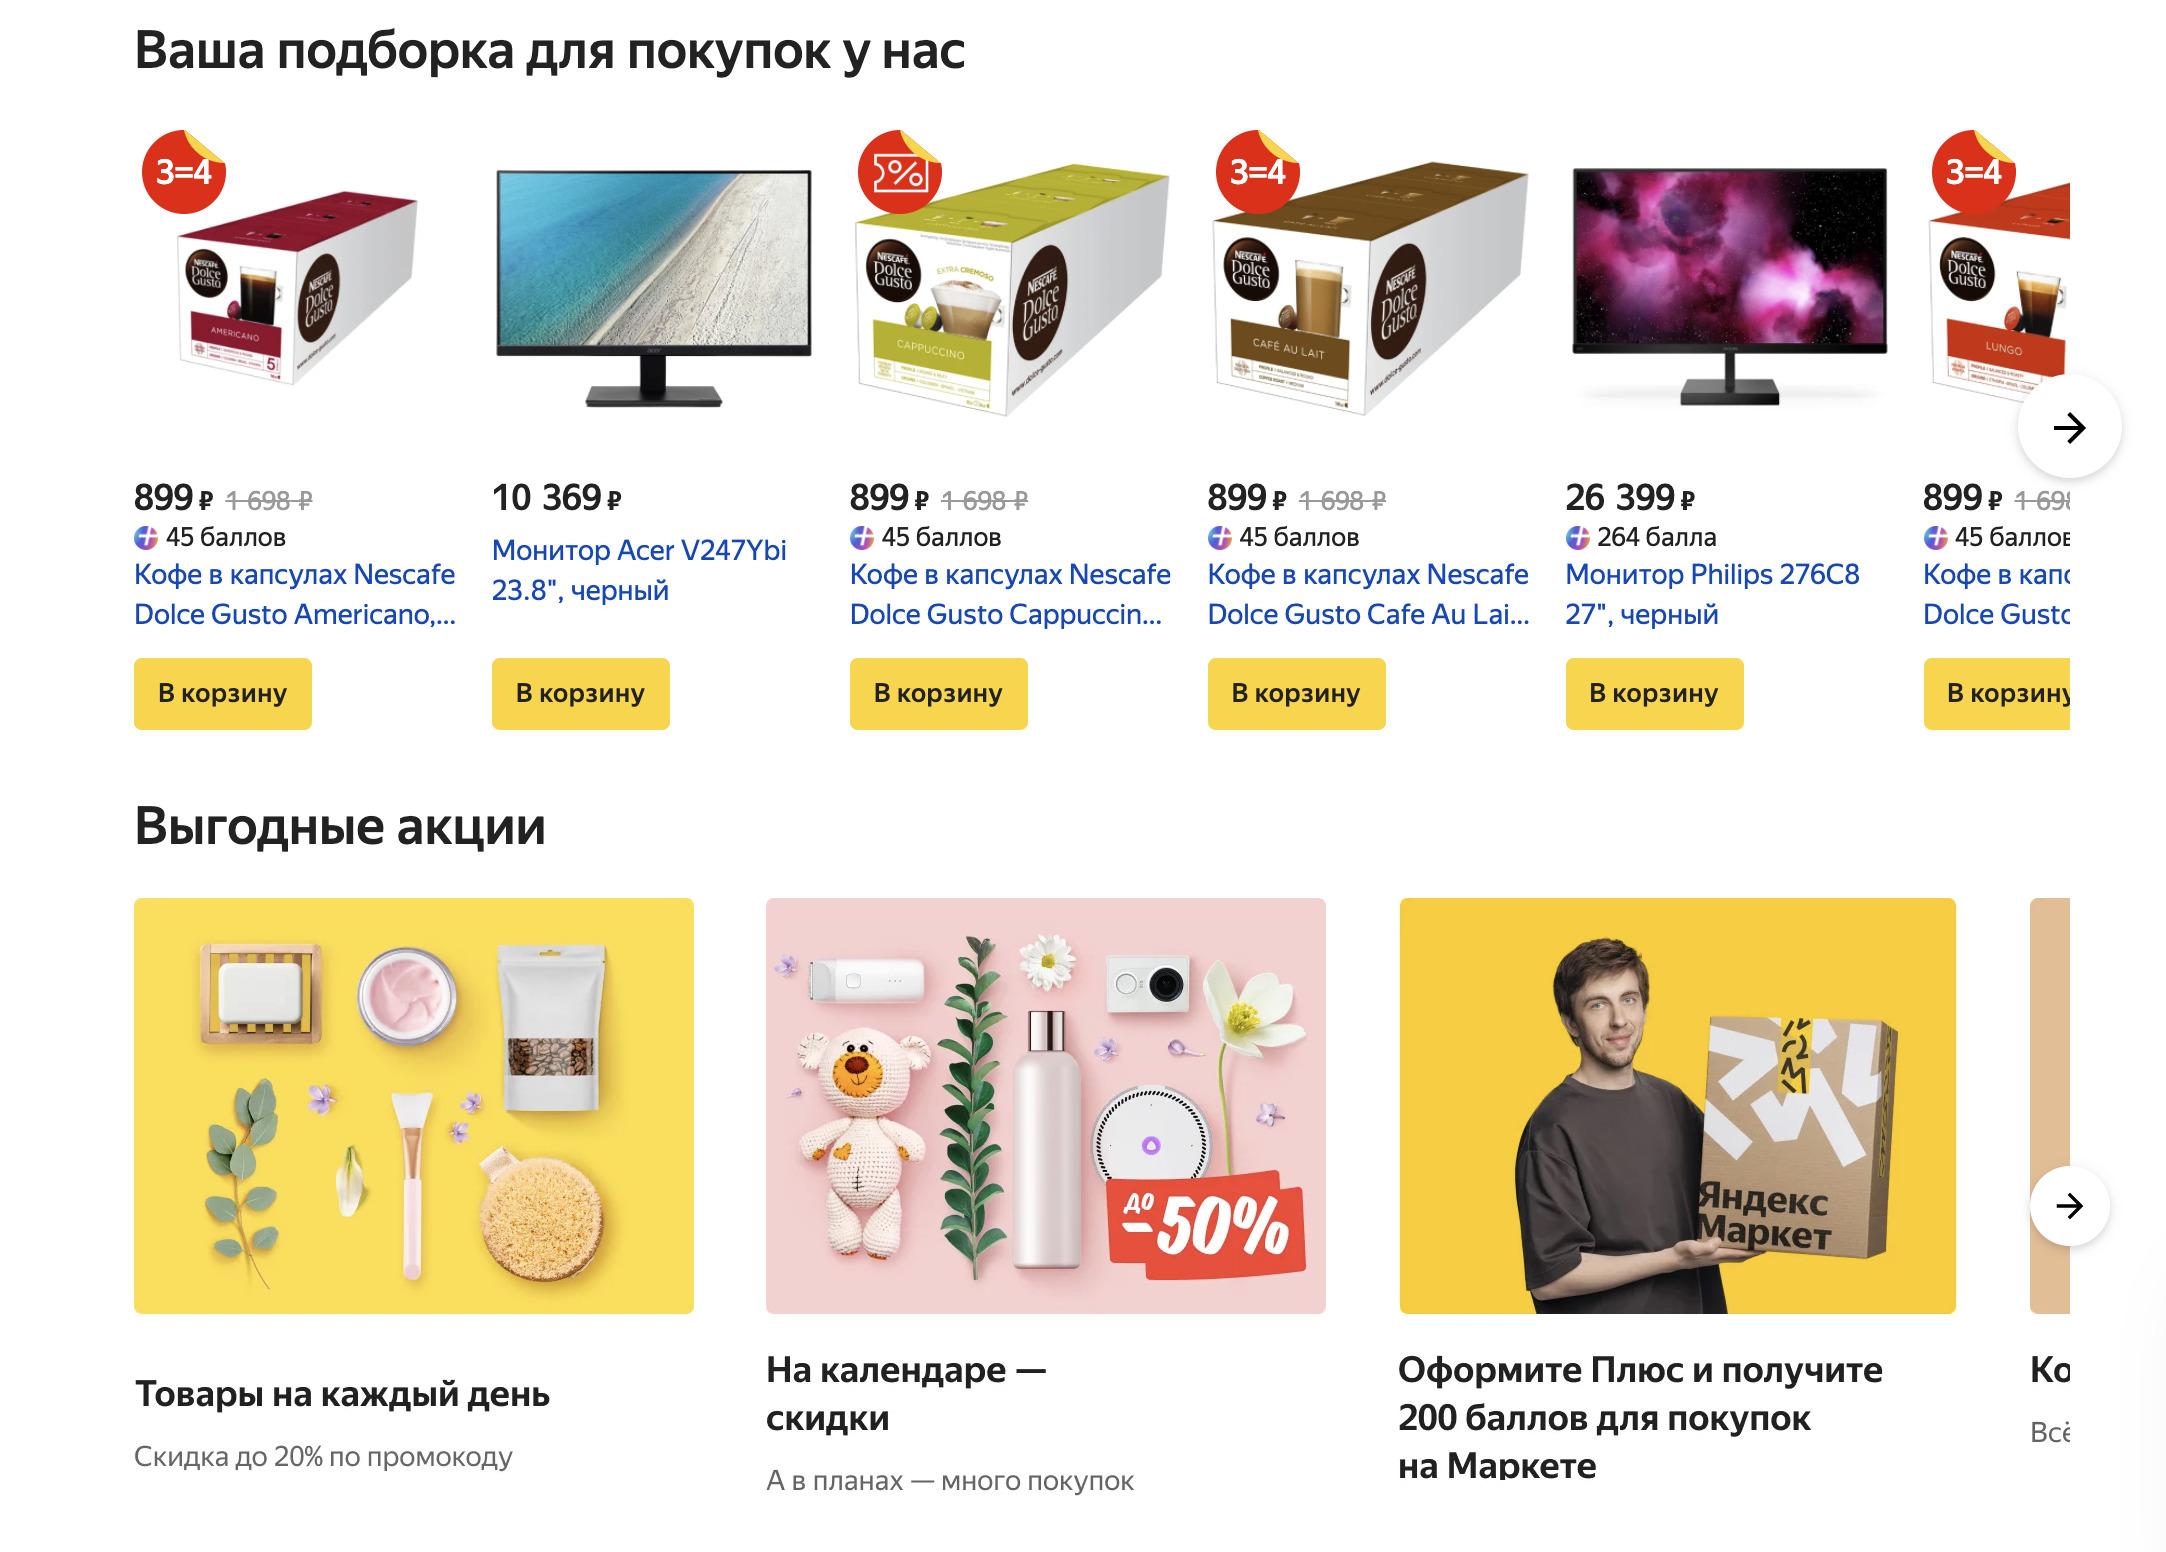 Доставка из Яндекс.Маркет в Воткинск, сроки, пункты выдачи, каталог